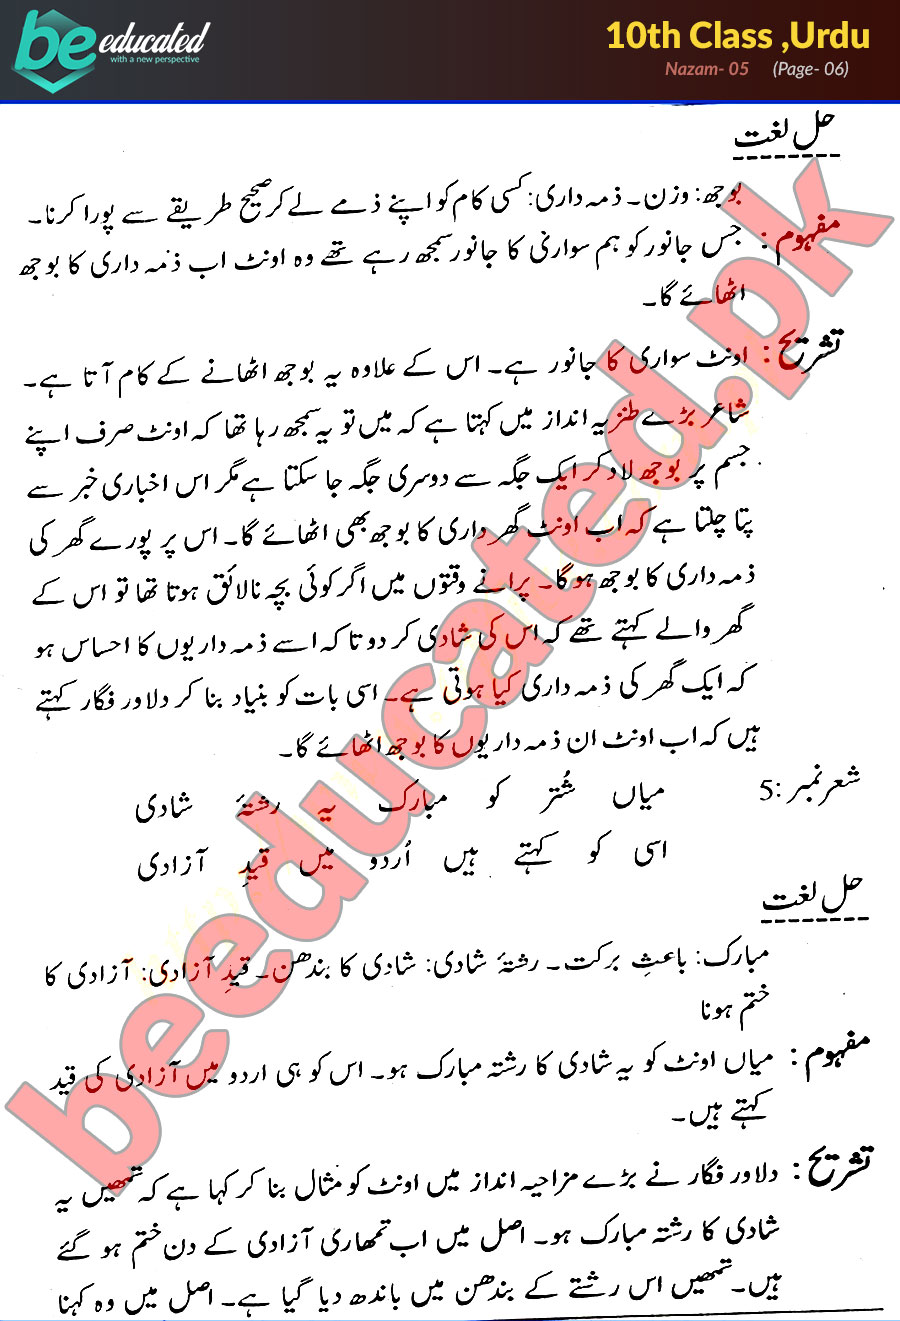 Poem 5 Urdu 10th Class Notes - Matric Part 2 Notes